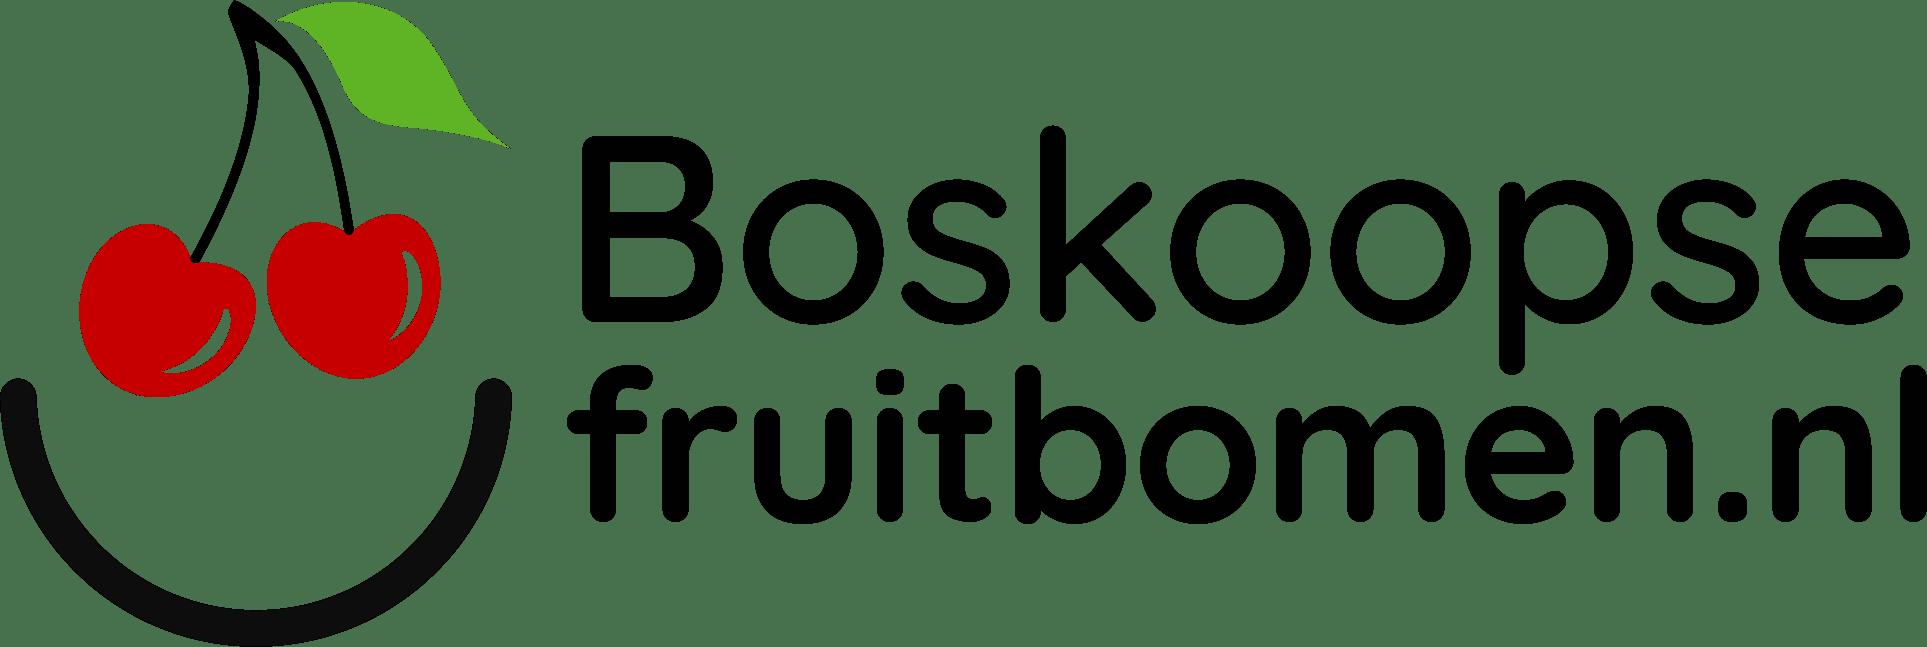 Boskoopse fruitbomen Logo